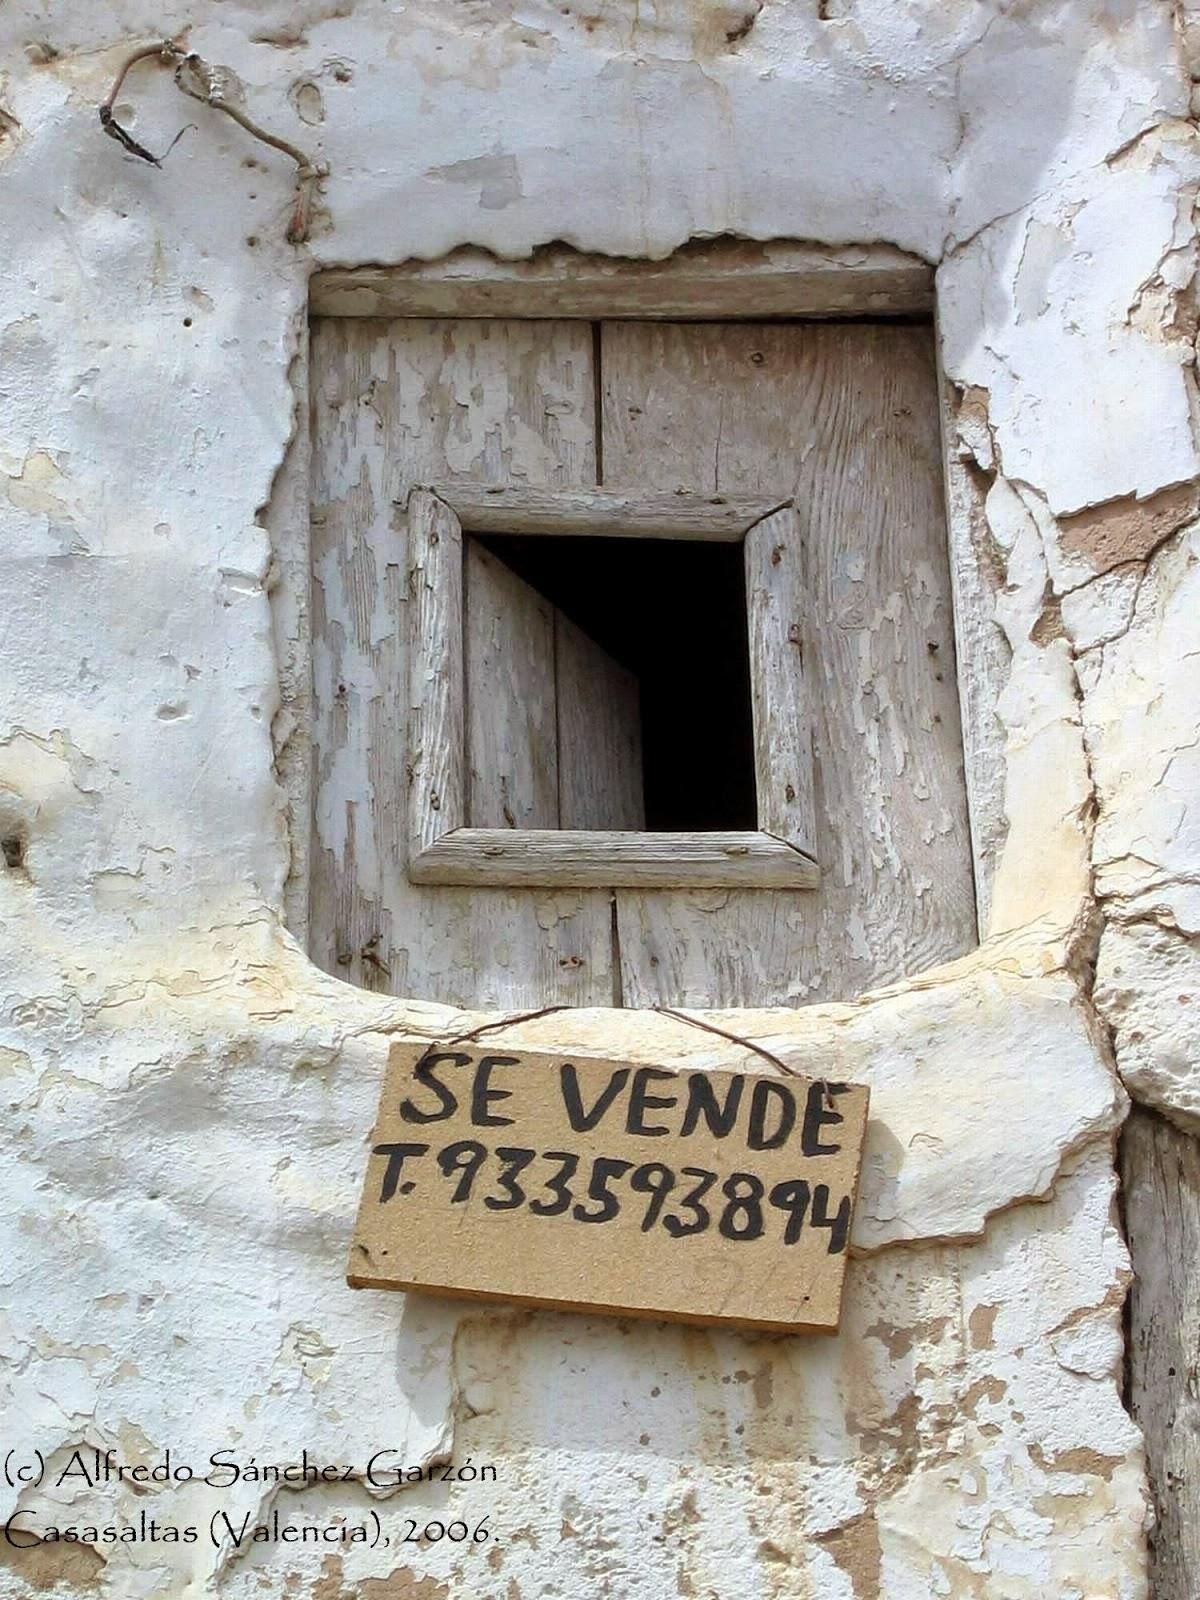 ventana-casasaltas-rincon-ademuz-valencia